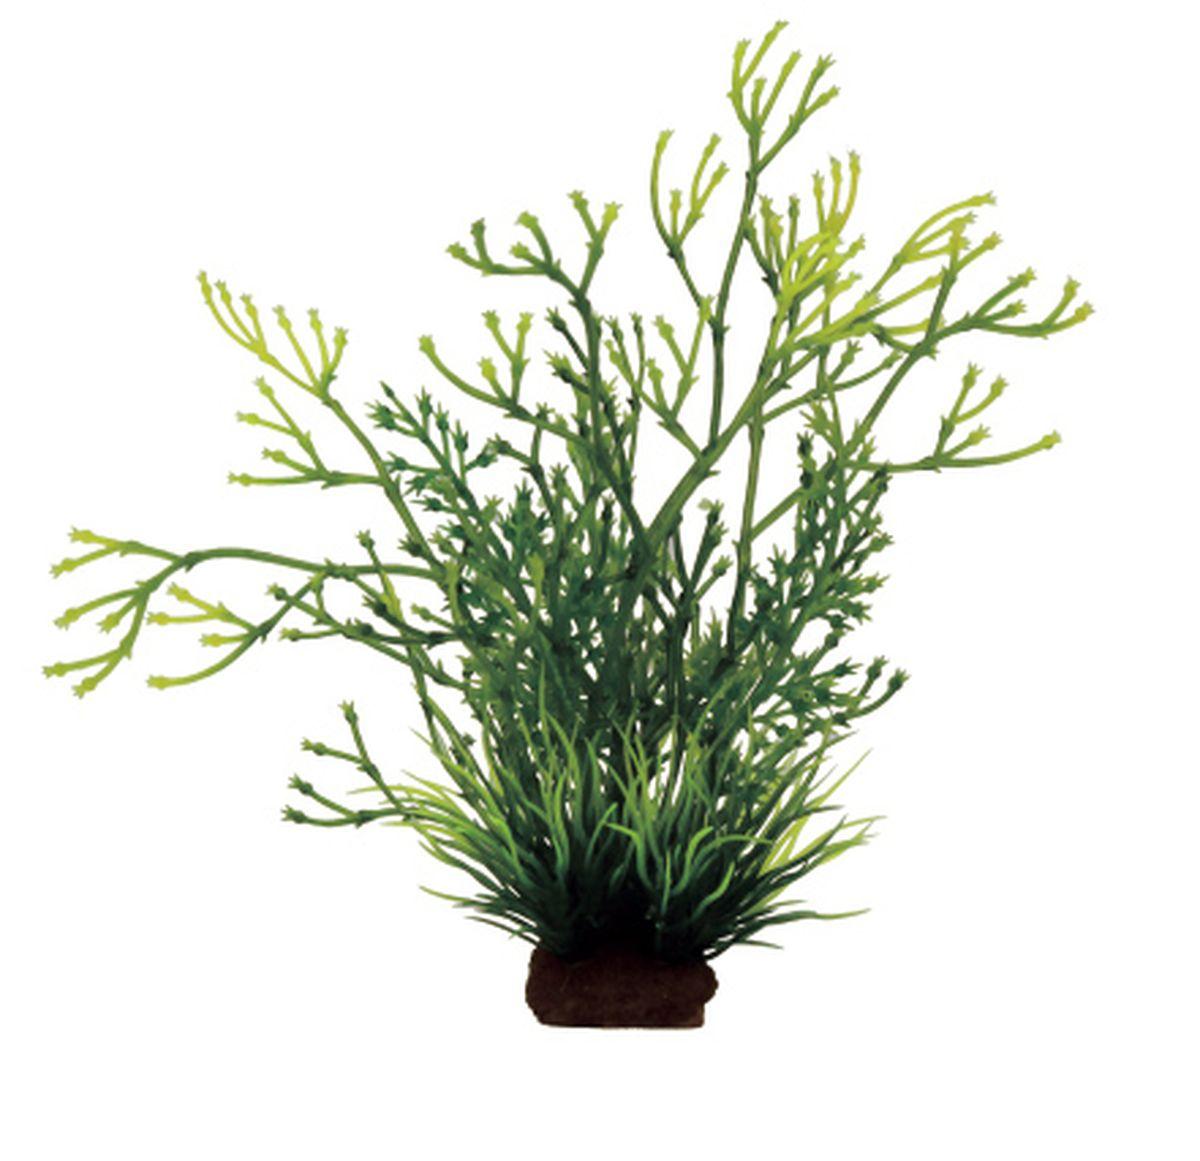 Композиция из растений для аквариума ArtUniq Блестянка, 8 x 7 x 14 смART-1130910ArtUniq Блестянка - прекрасная композиция из искусственных растений. Искусственные декорации ArtUniq обладают одним очень главным свойством - они долговечны и, соответственно, сохраняют свой внешний вид и всегда выглядят свежими и красивыми. А их сходство с природными порадует даже самых взыскательных ценителей.Коллекция ArtPlants - широчайшая палитра искусственных растений, которые помогут вдохнуть жизнь в ландшафт любого аквариума или террариума своей яркой, сочной цветовой палитрой.